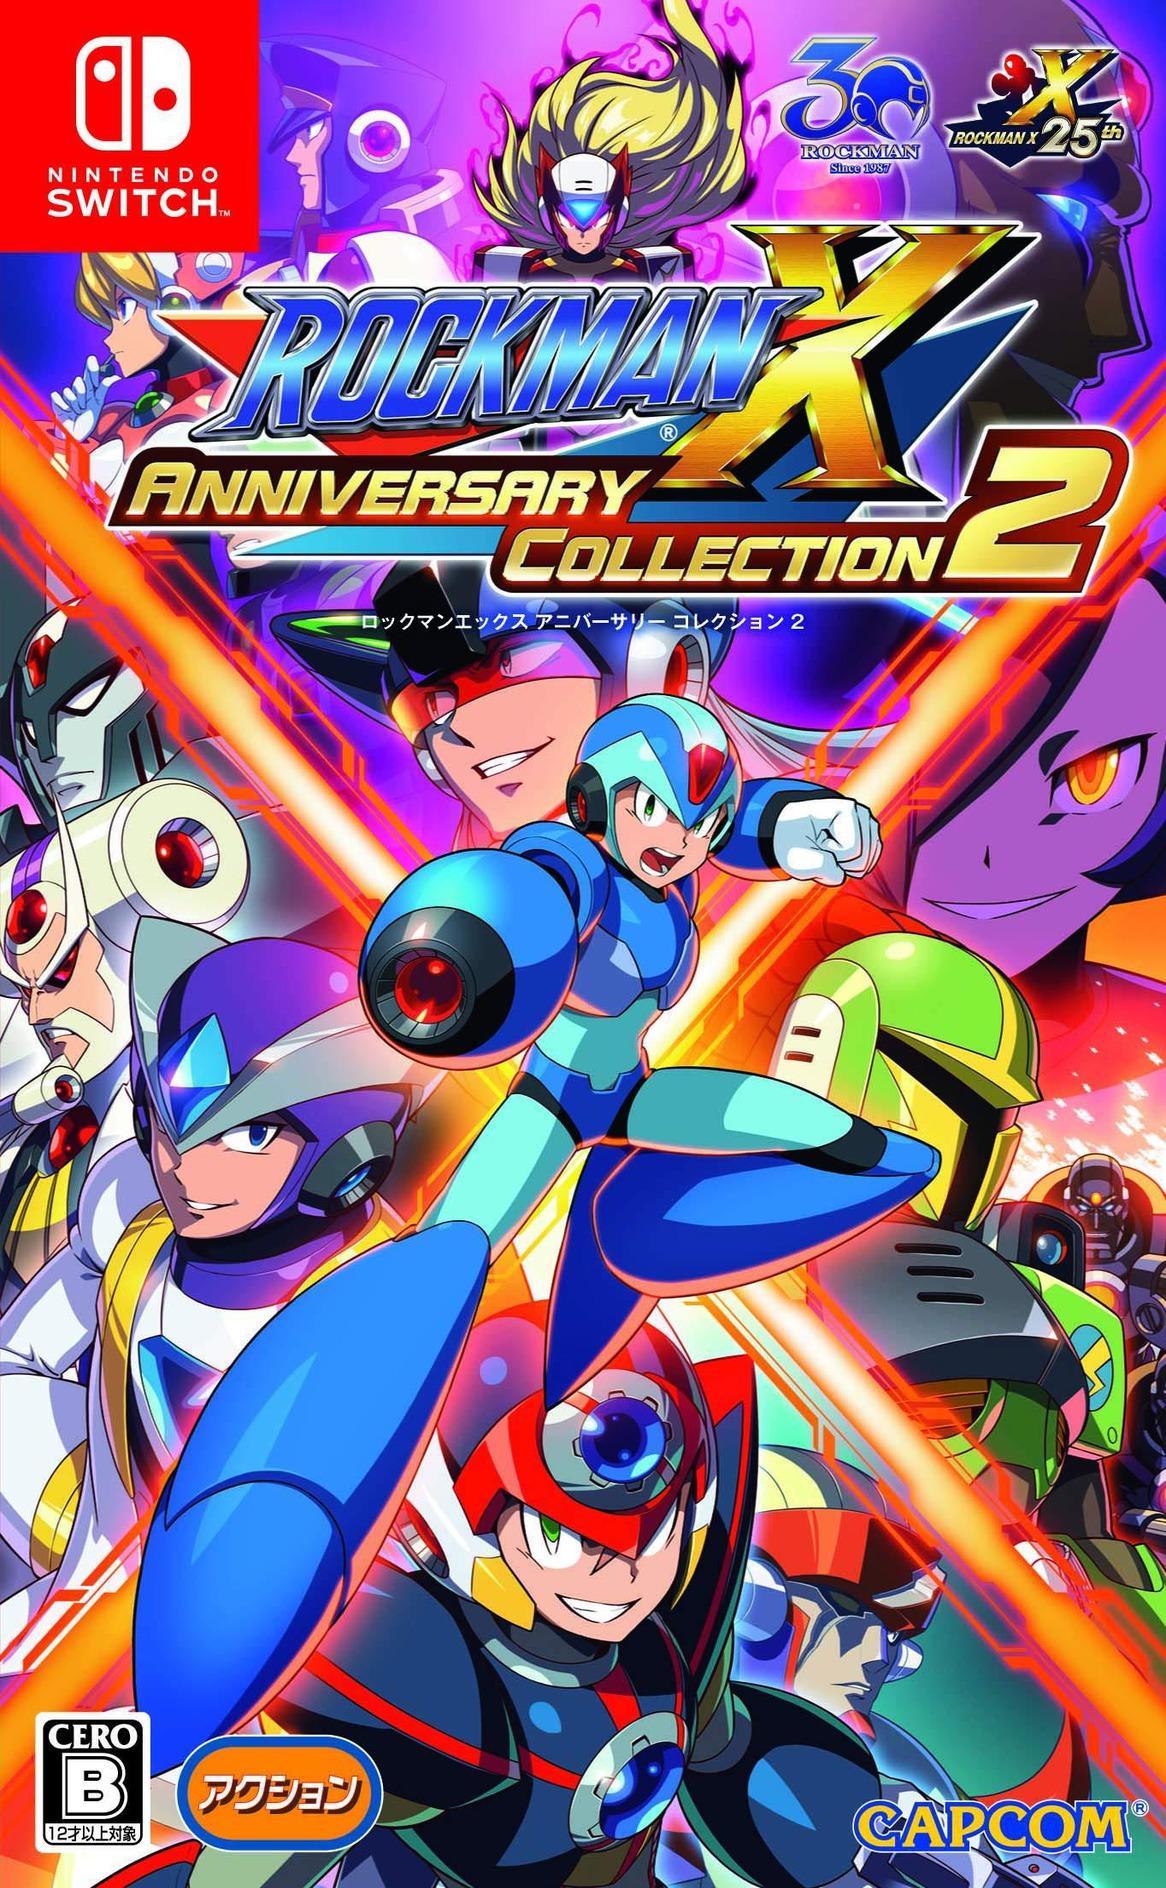 ロックマンX アニバーサリー コレクション 2 Switch coverHQ (ALGHB)